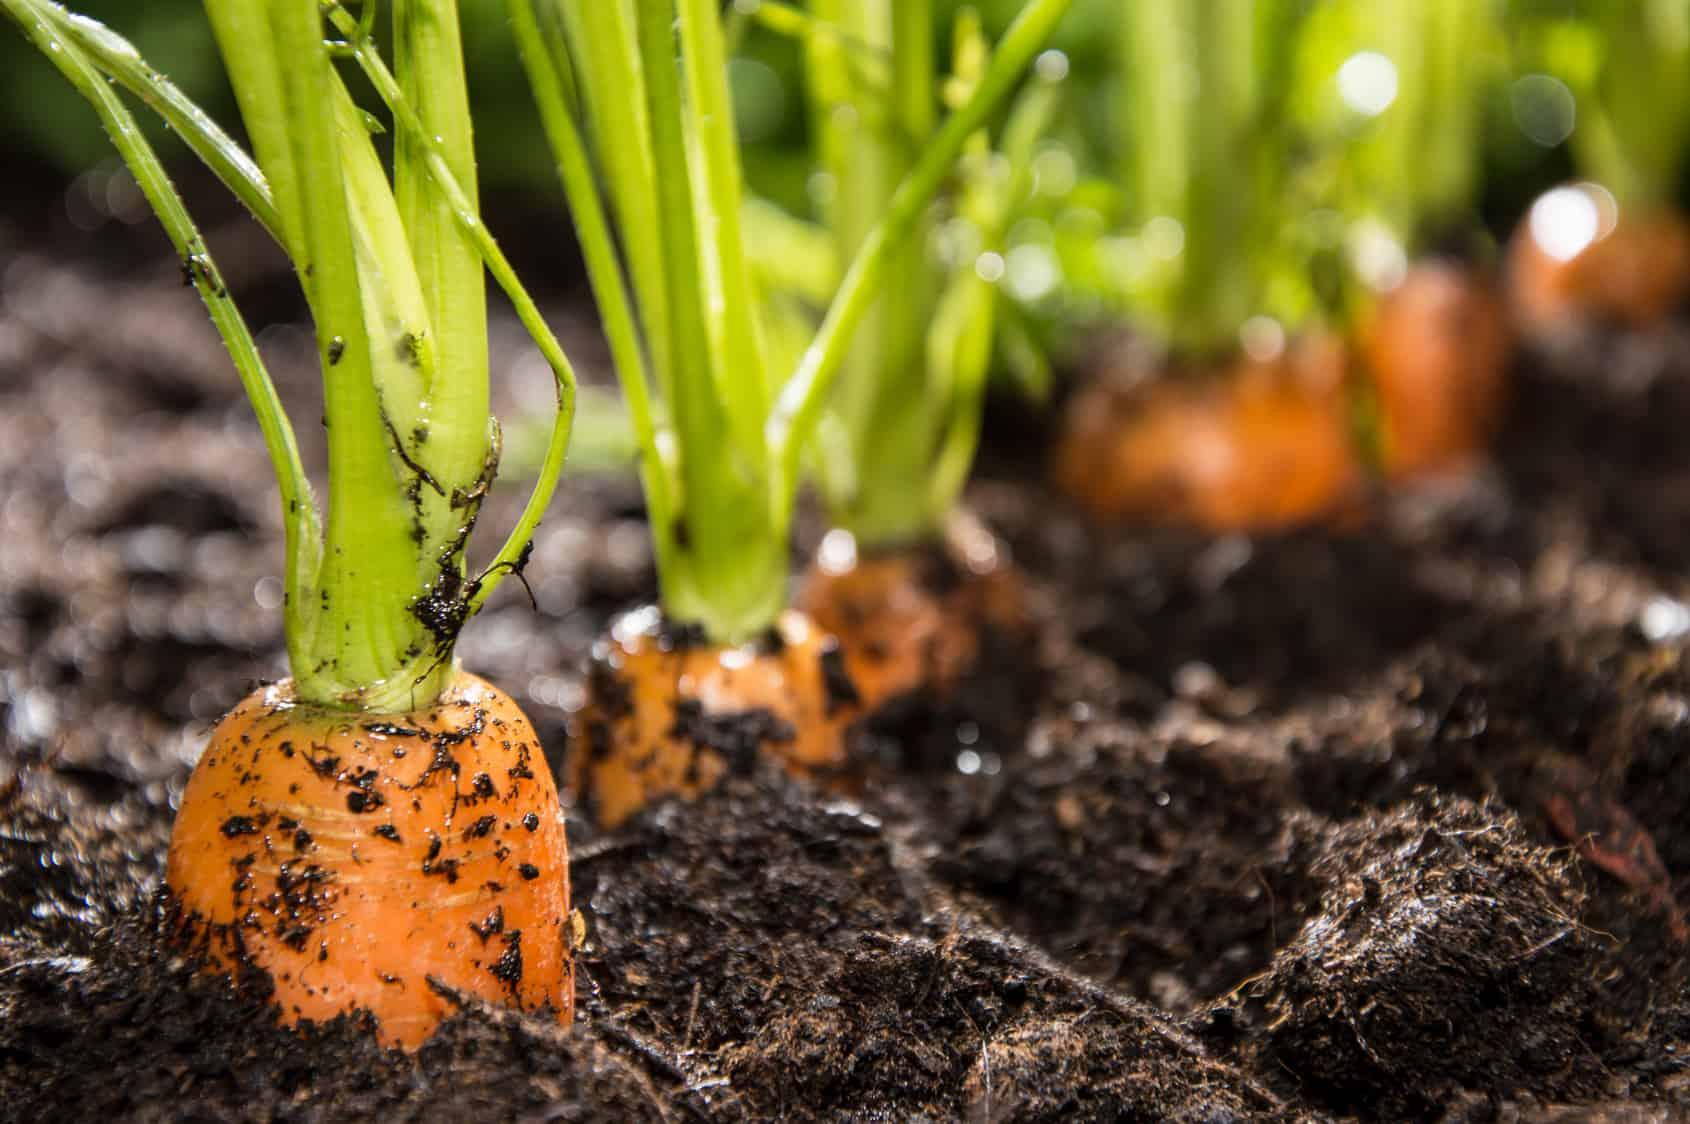 Как посадить морковь, чтобы быстро взошла, ускорить всхожесть семян: что надо делать, как быстро прорастить перед посадкой (видео)